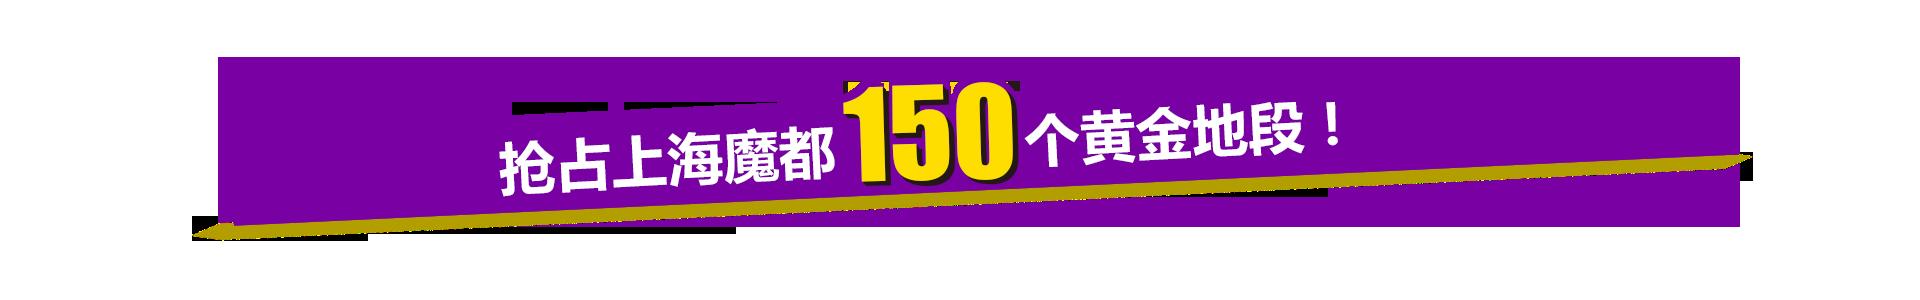 上海AG亚游集团加盟代理商